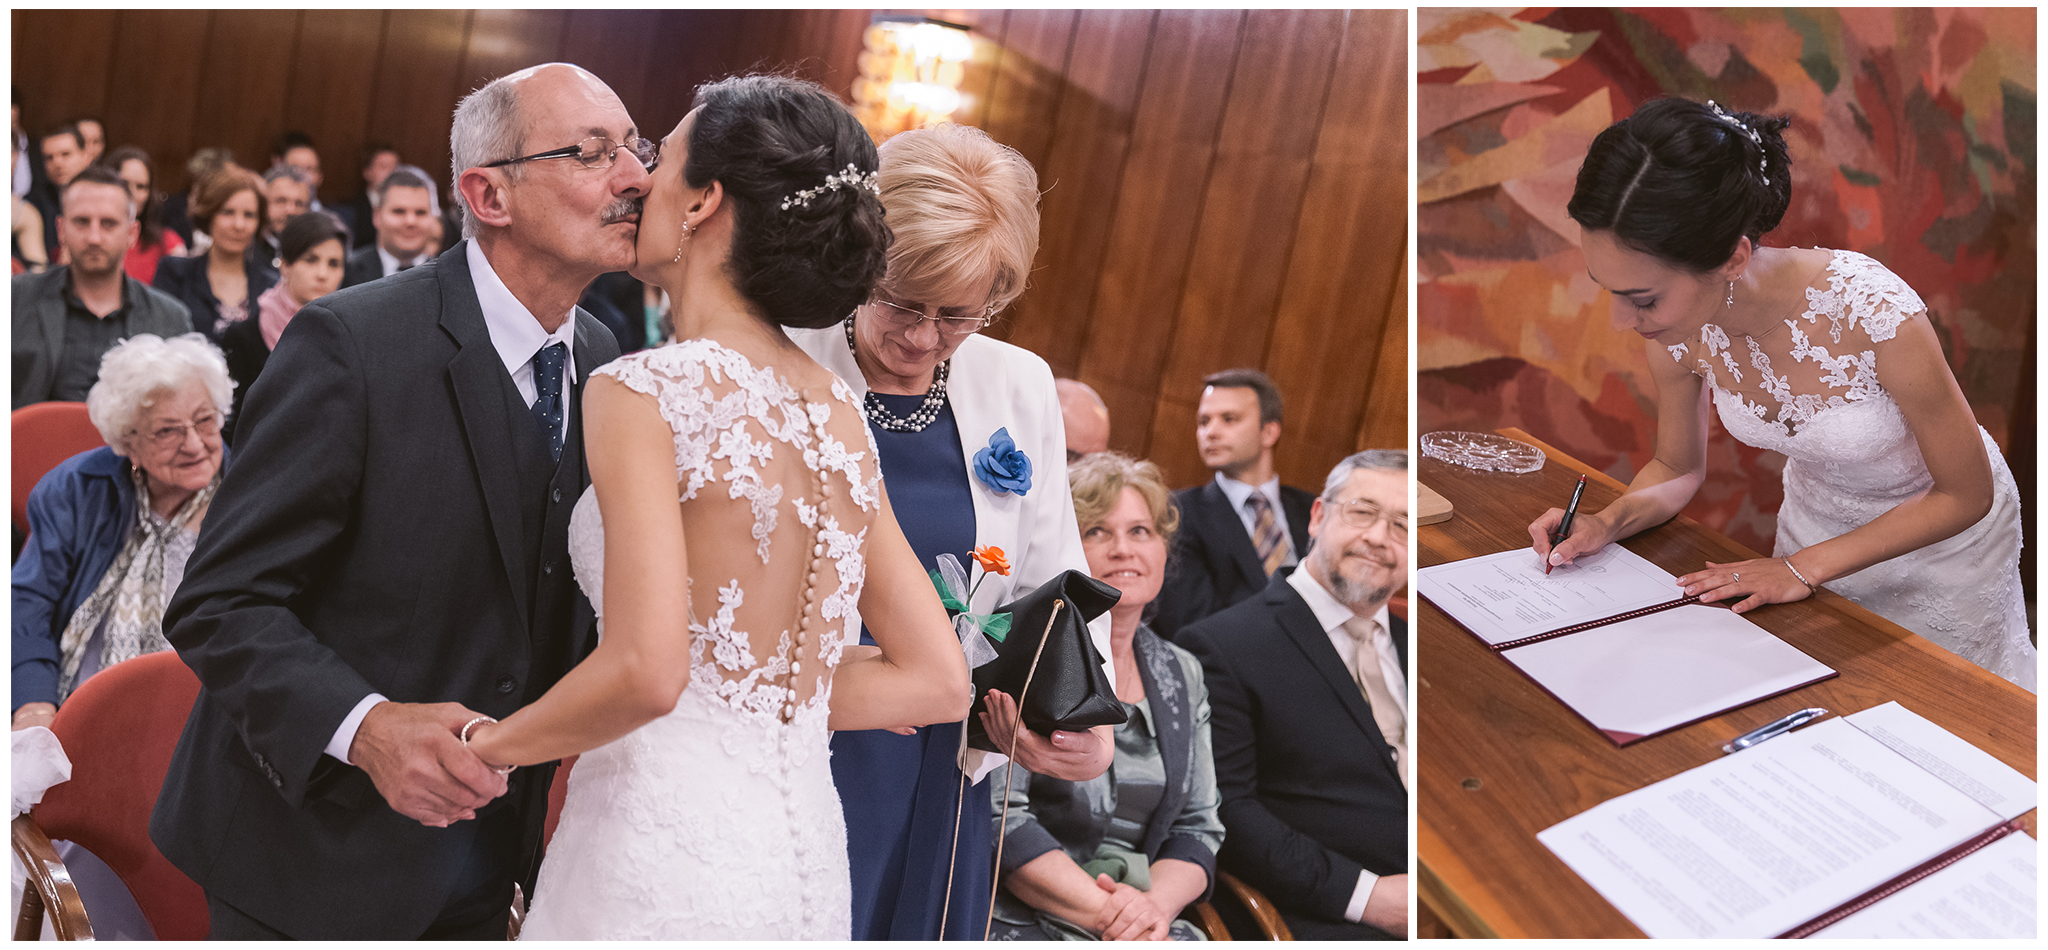 FylepPhoto, esküvőfotós, esküvői fotós Körmend, Szombathely, esküvőfotózás, magyarország, vas megye, prémium, jegyesfotózás, Fülöp Péter, körmend, kreatív, fotográfus_026.jpg